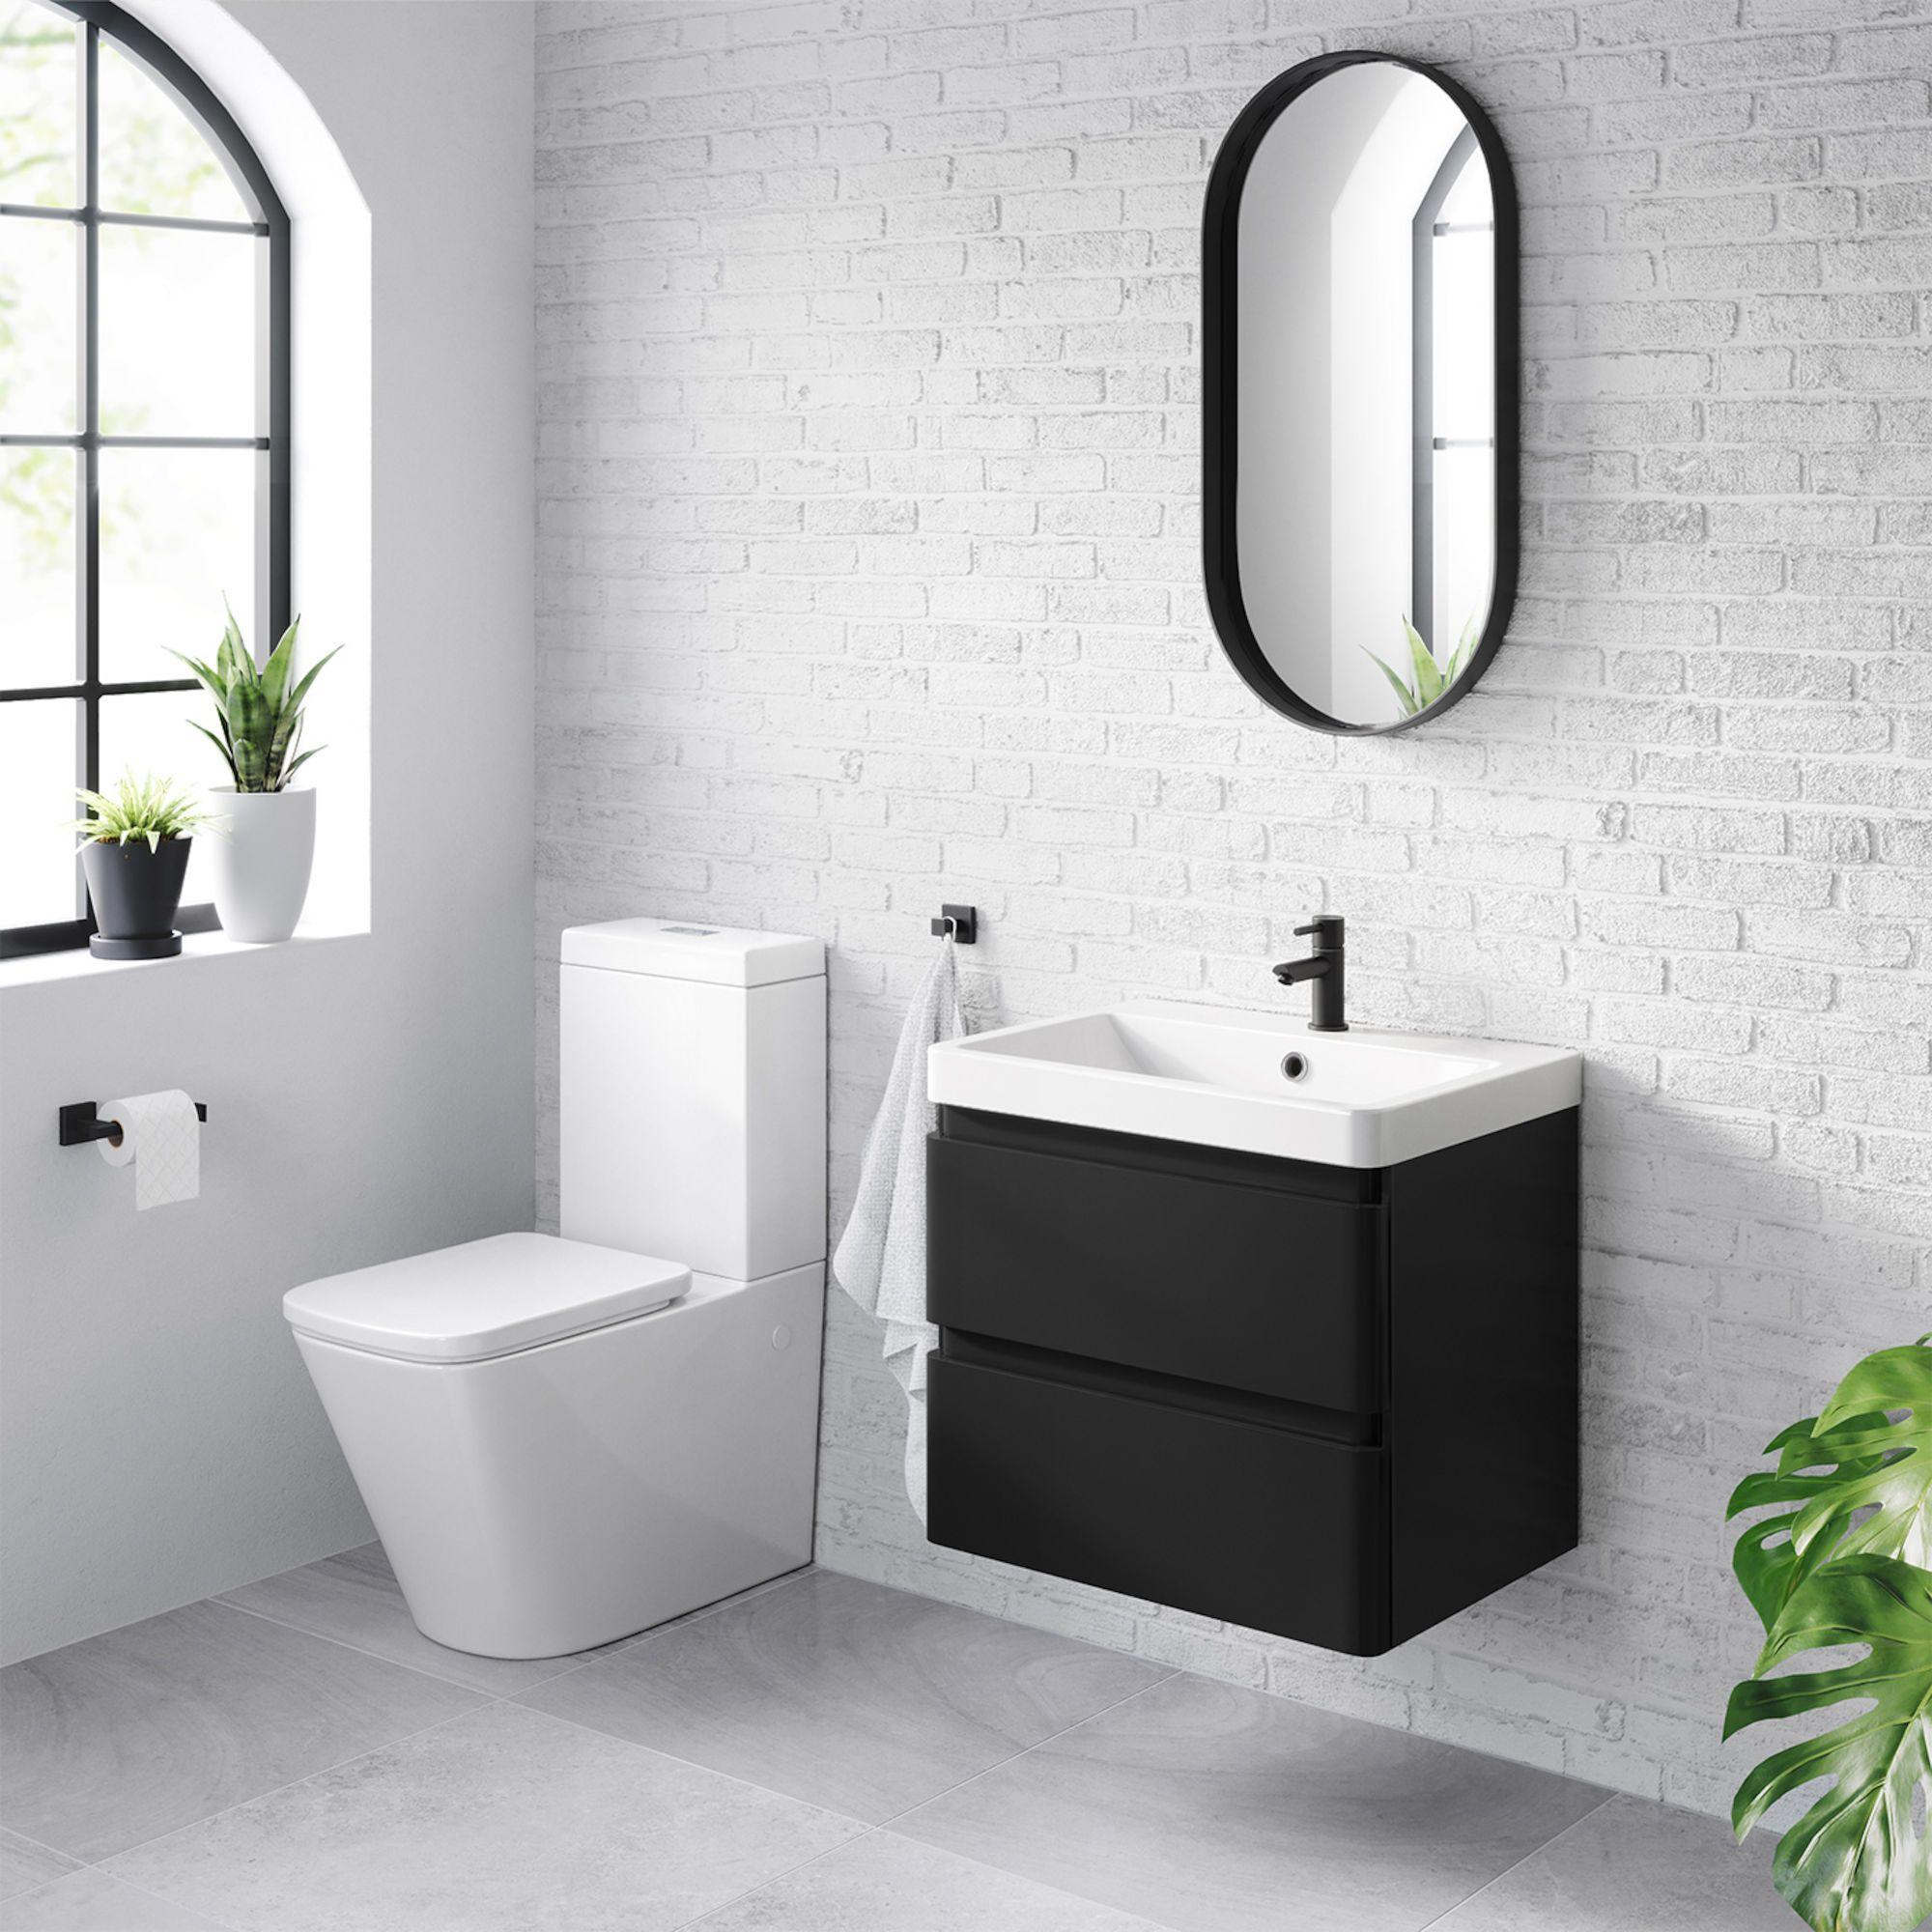 Black Vanity Unit With Drawers Black Bathroom Vanity Sink Soak Com Bathroom Vanity Trends Black Bathroom Black Vanity Bathroom